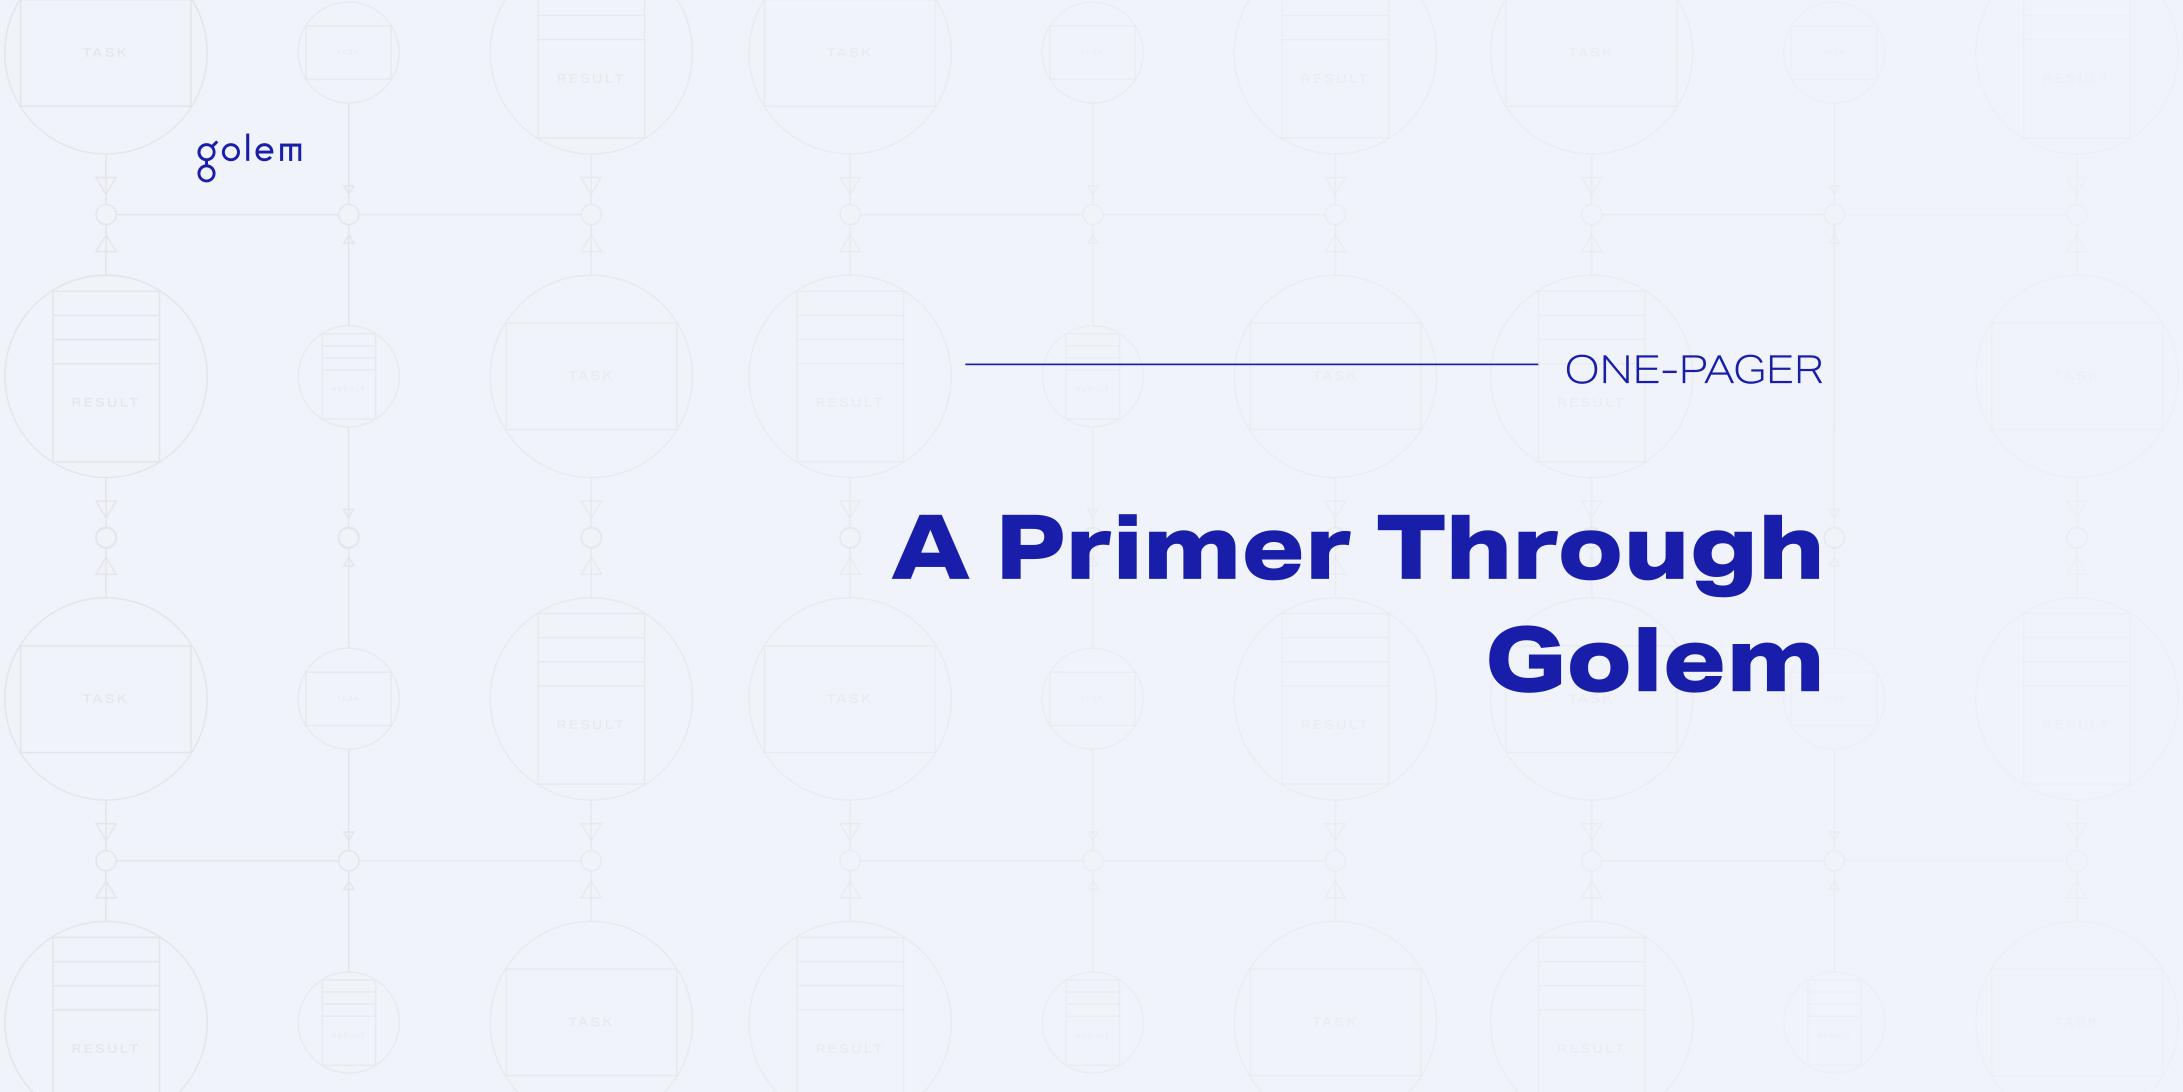 A Primer Through Golem